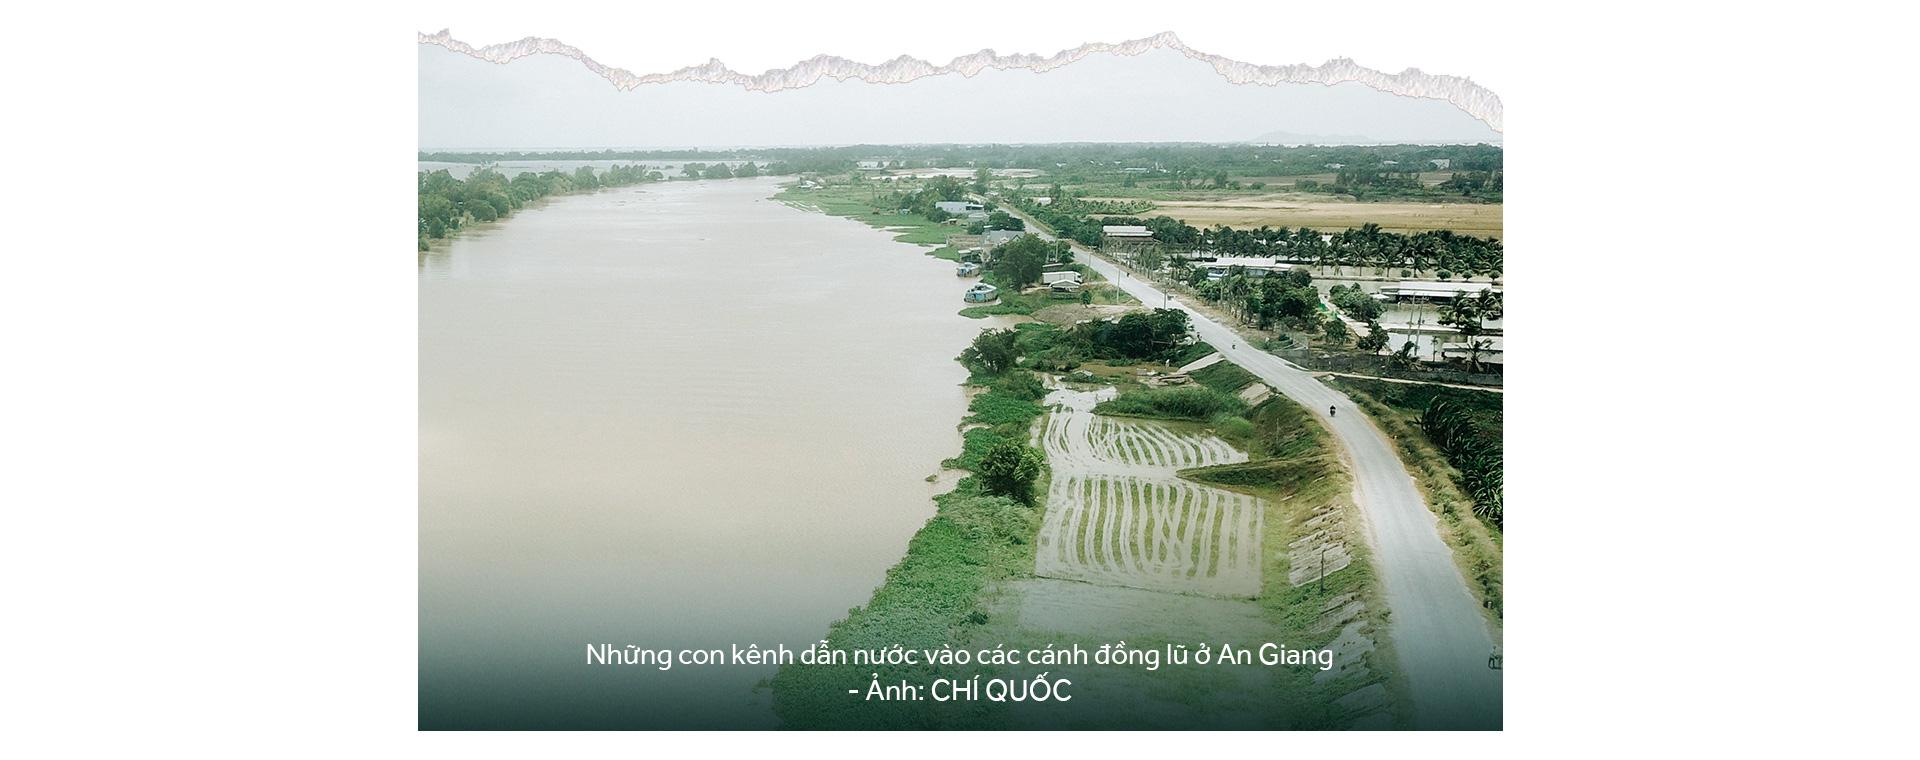 Đồng bằng sông Cửu Long: 35 năm thay da đổi thịt - Ảnh 37.